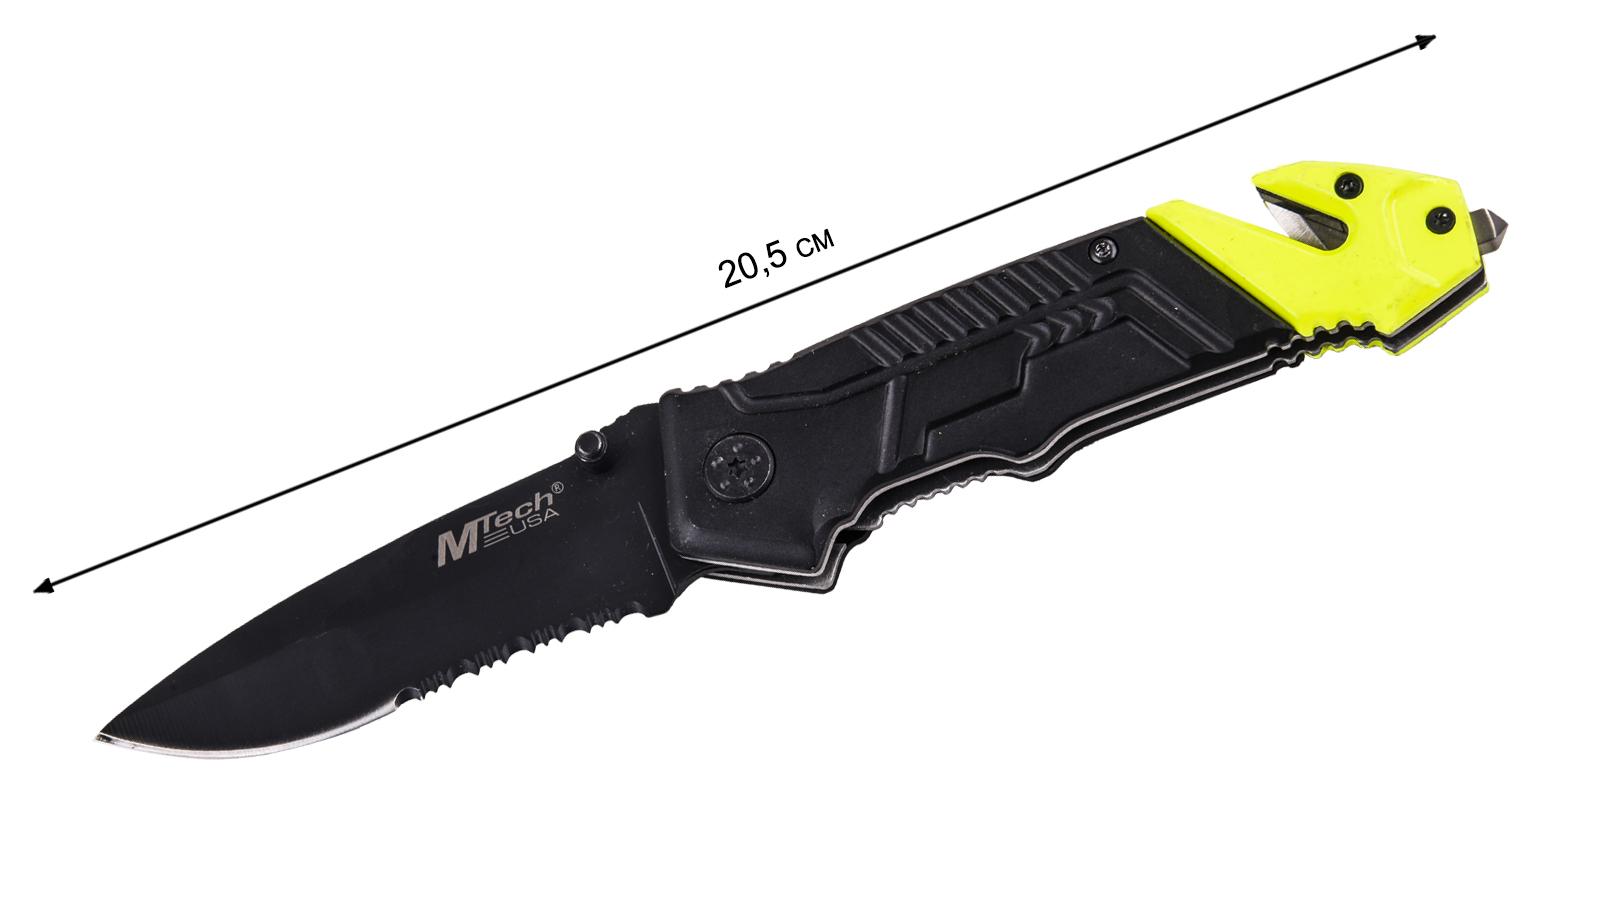 Складной аварийный нож Mtech MT-478C Rescue Folding/Pocket Knife